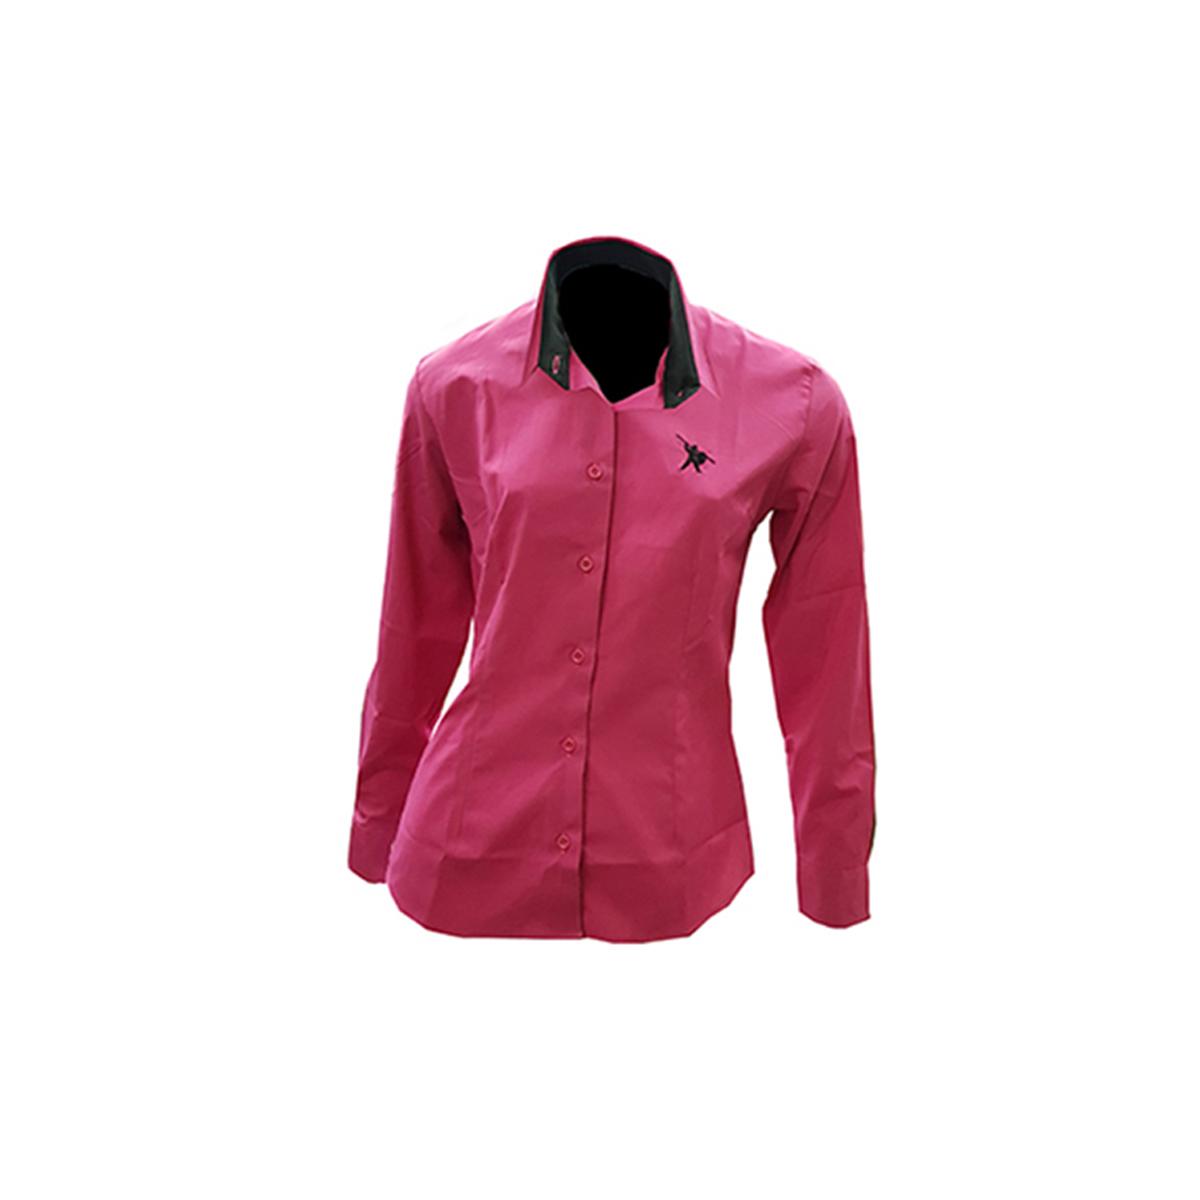 Camisa Social Feminina Rosa Fúcsia com logo bordado